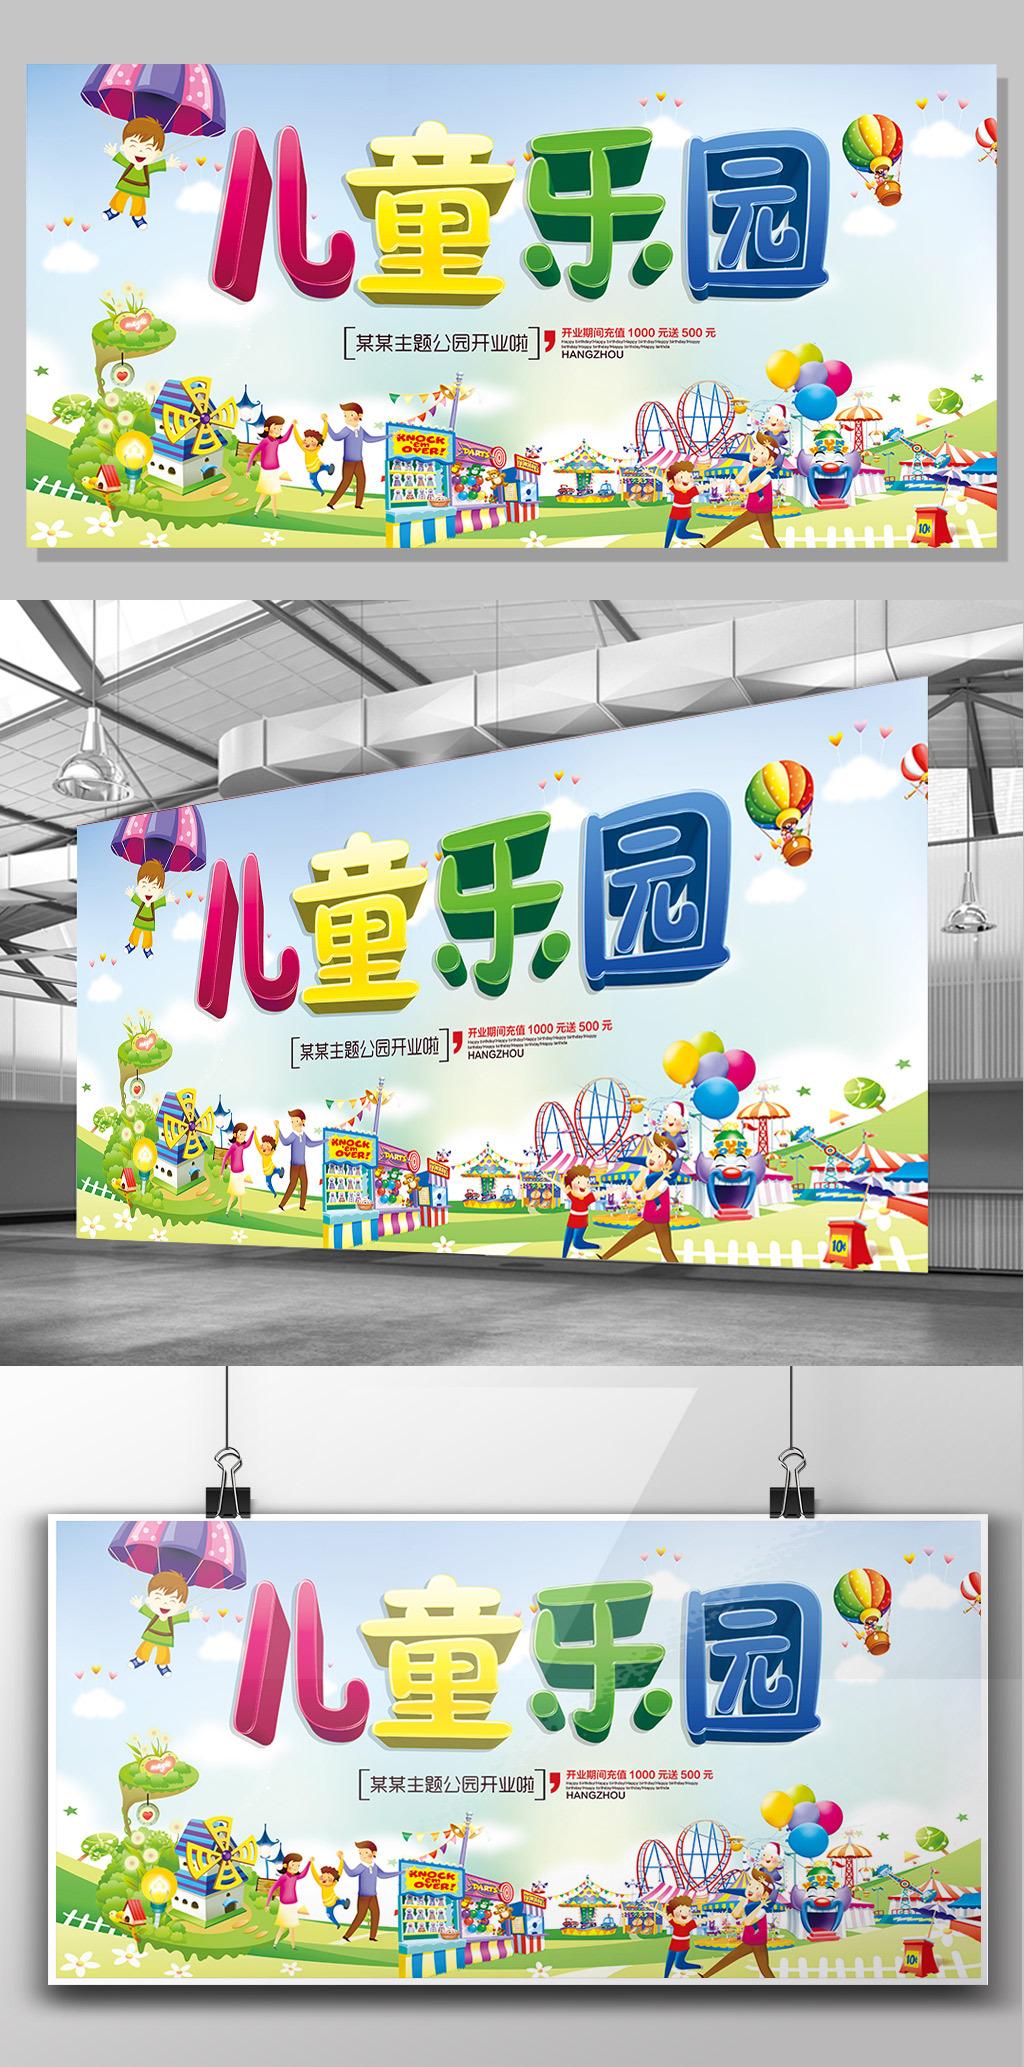 卡通创意儿童乐园宣传海报展板模板